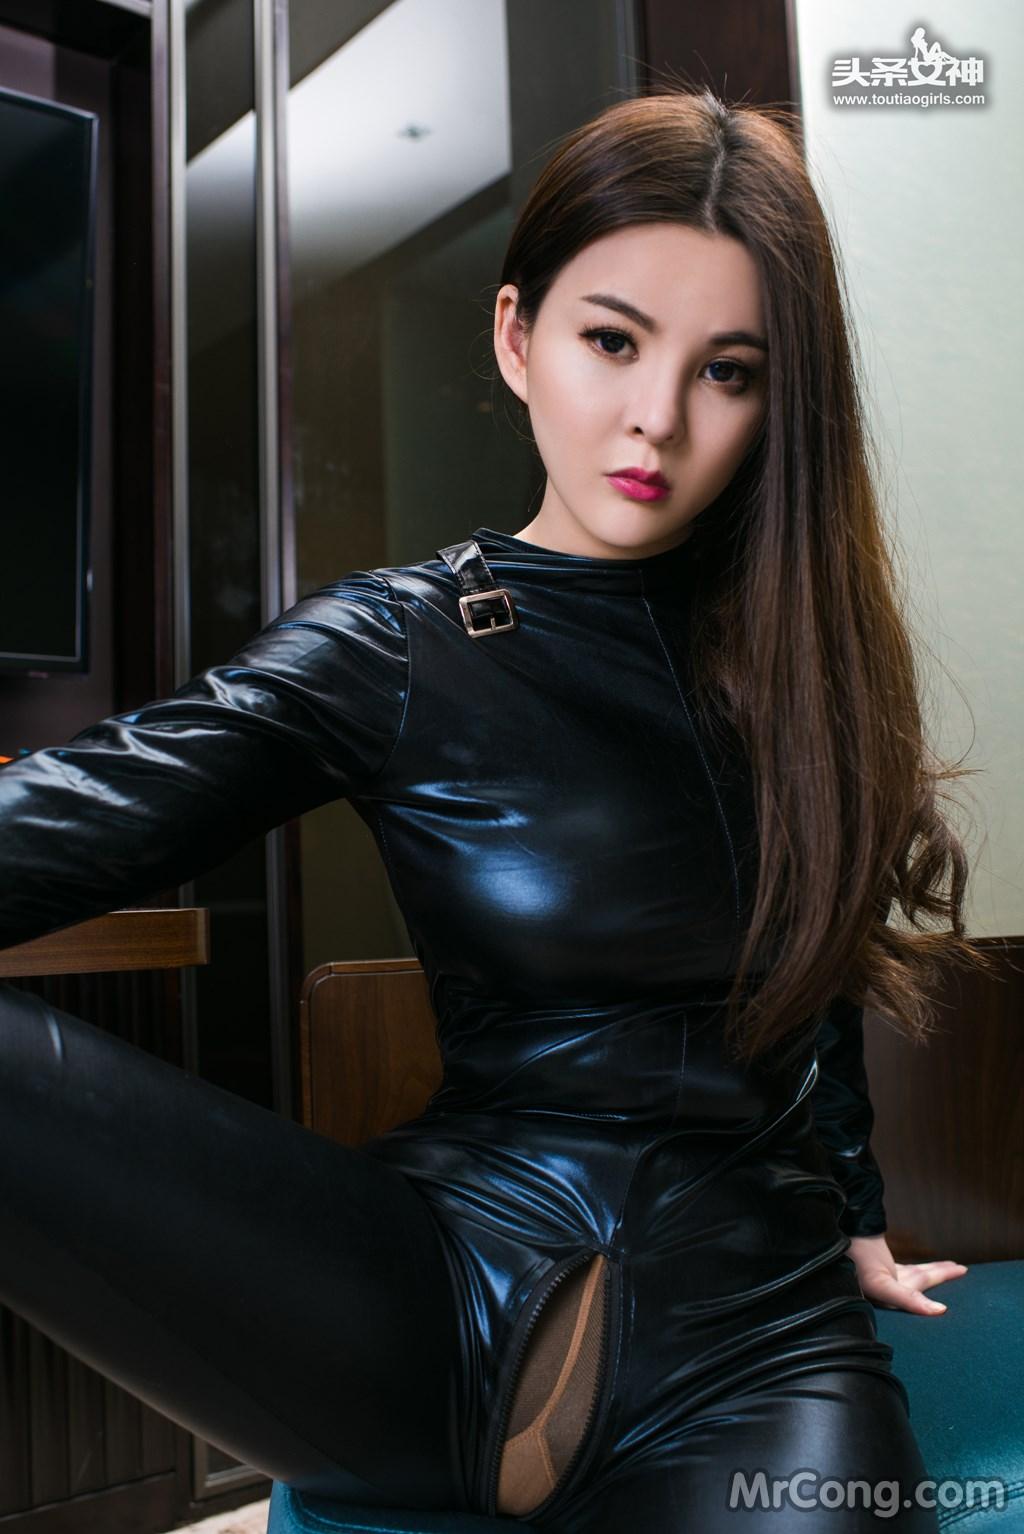 Image MrCong.com-TouTiao-2017-02-11-Tong-An-Qi-001 in post TouTiao 2017-02-11: Người mẫu Tong An Qi (童安琪) (27 ảnh)